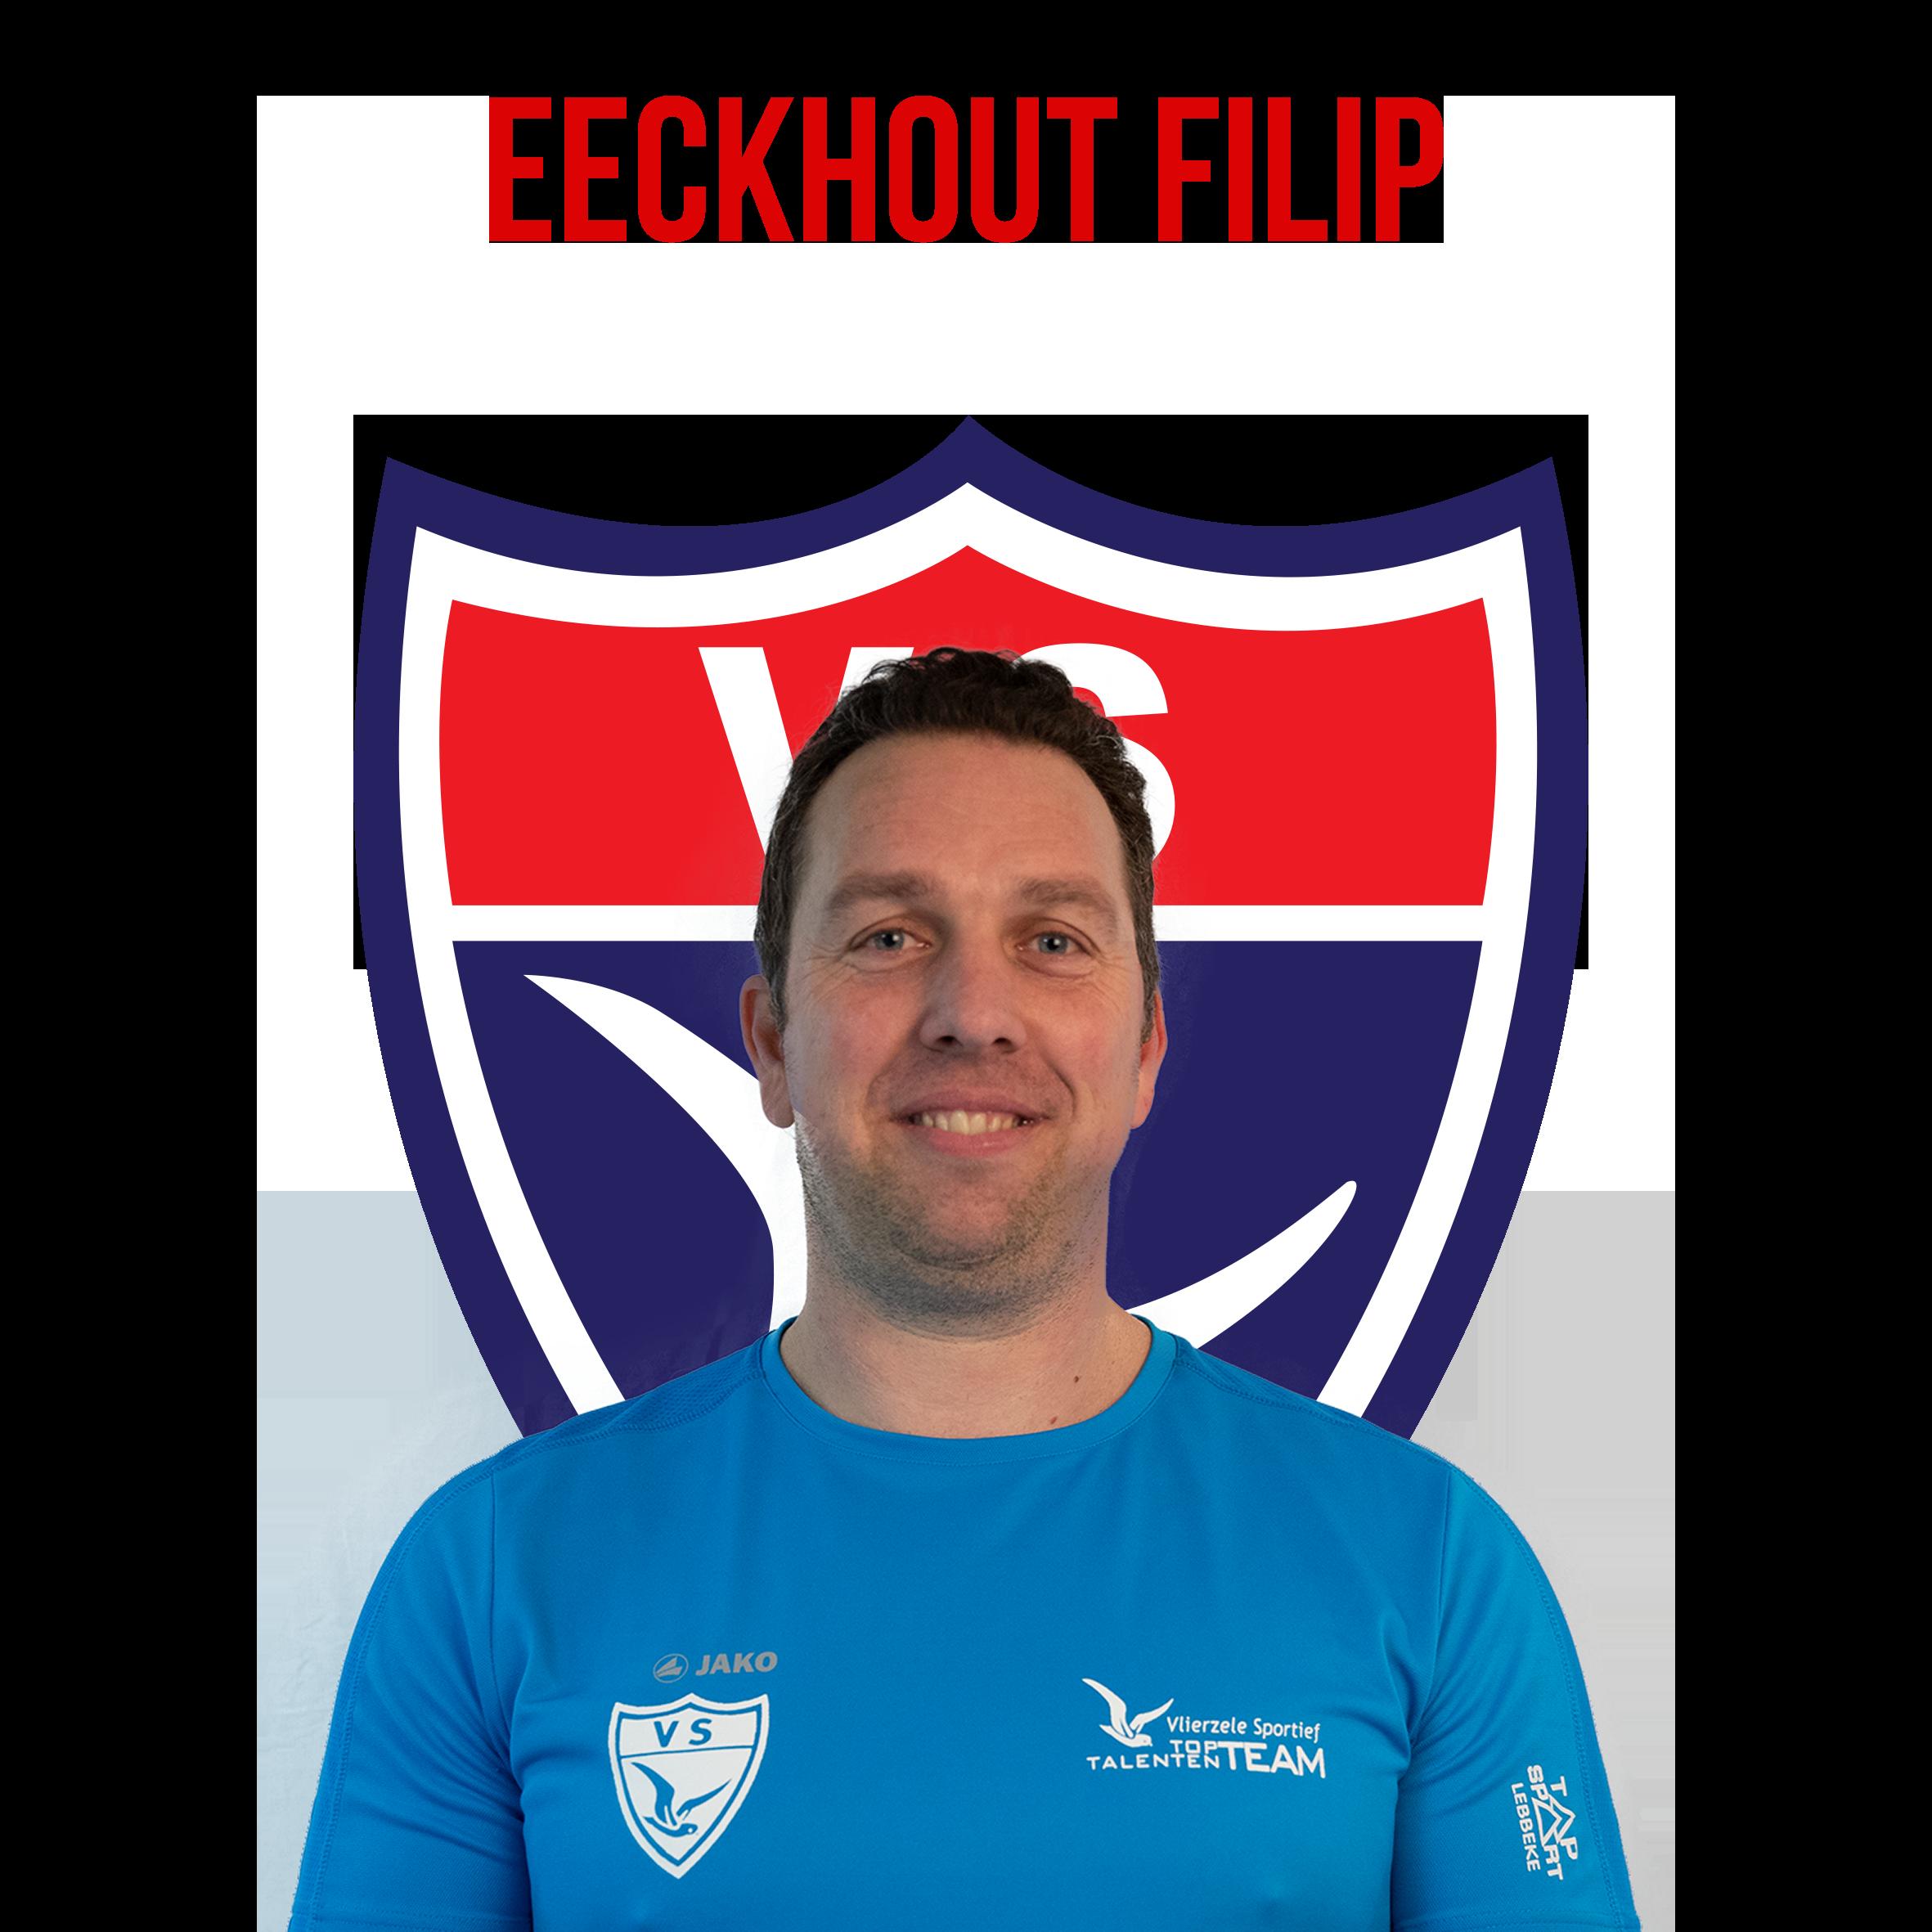 Eeckhout_filip